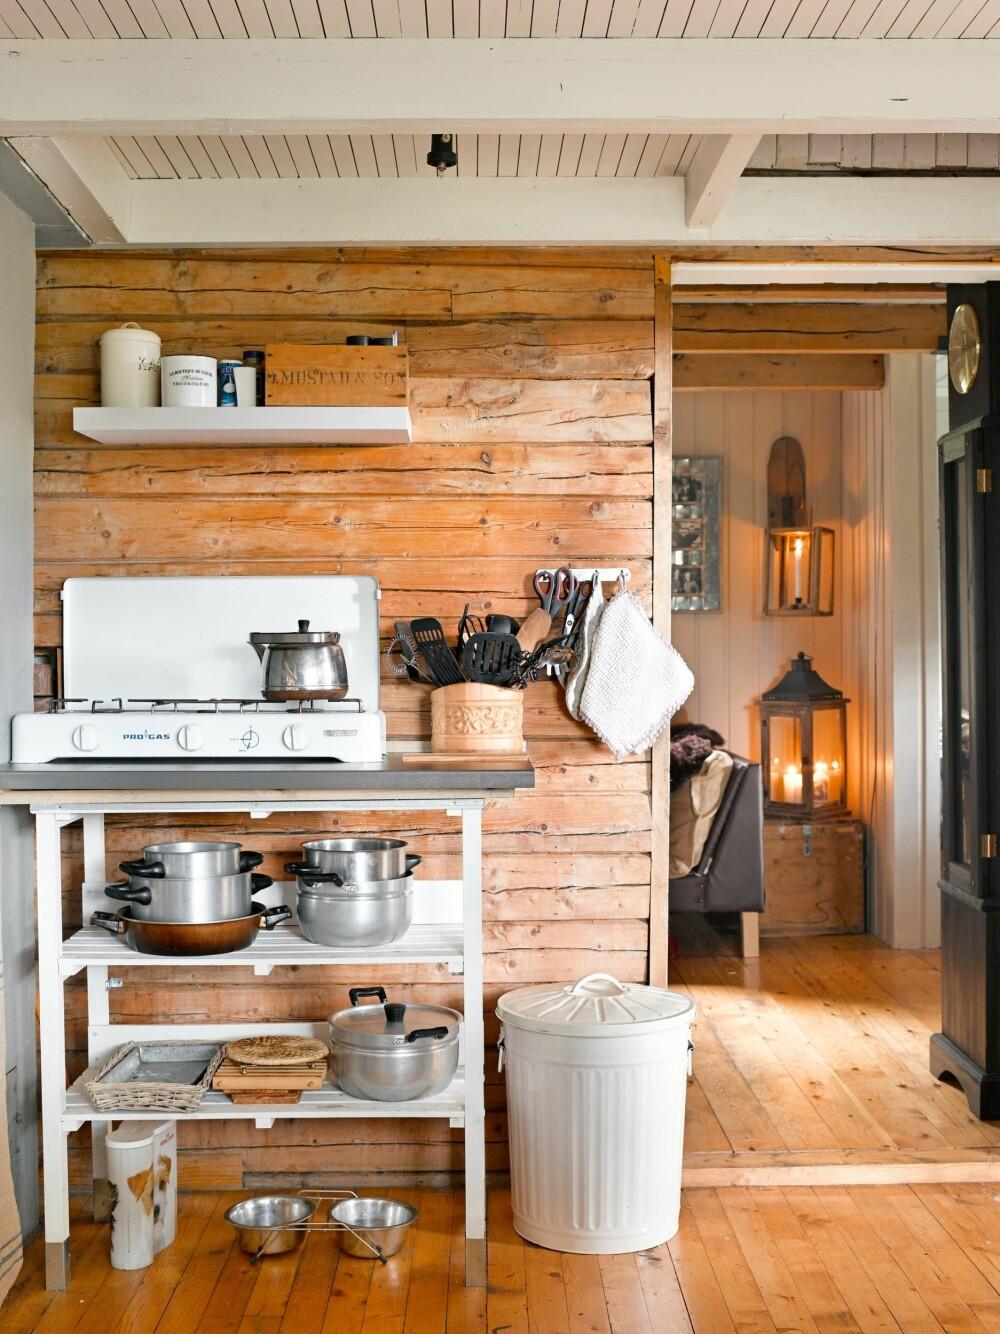 ENKELT: Det vesle kjøkkenet er spartansk innredet, men inneholder det familien trenger.